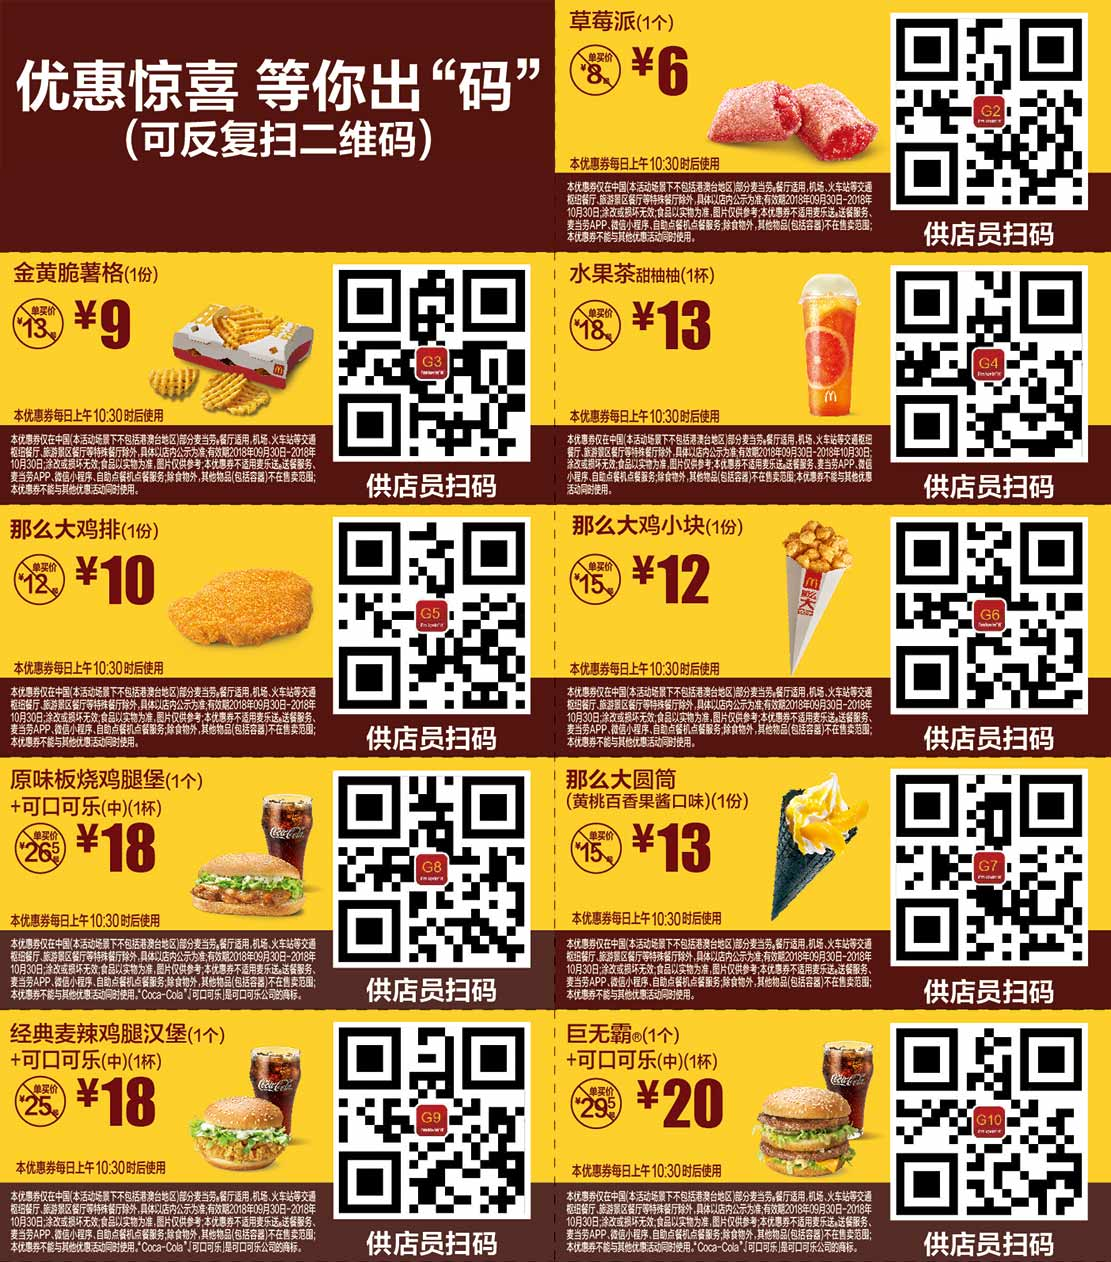 麦当劳优惠券2018年10月手机版整张版本,出示给店员扫码享券面优惠价点餐 有效期至:2018年10月30日 www.5ikfc.com